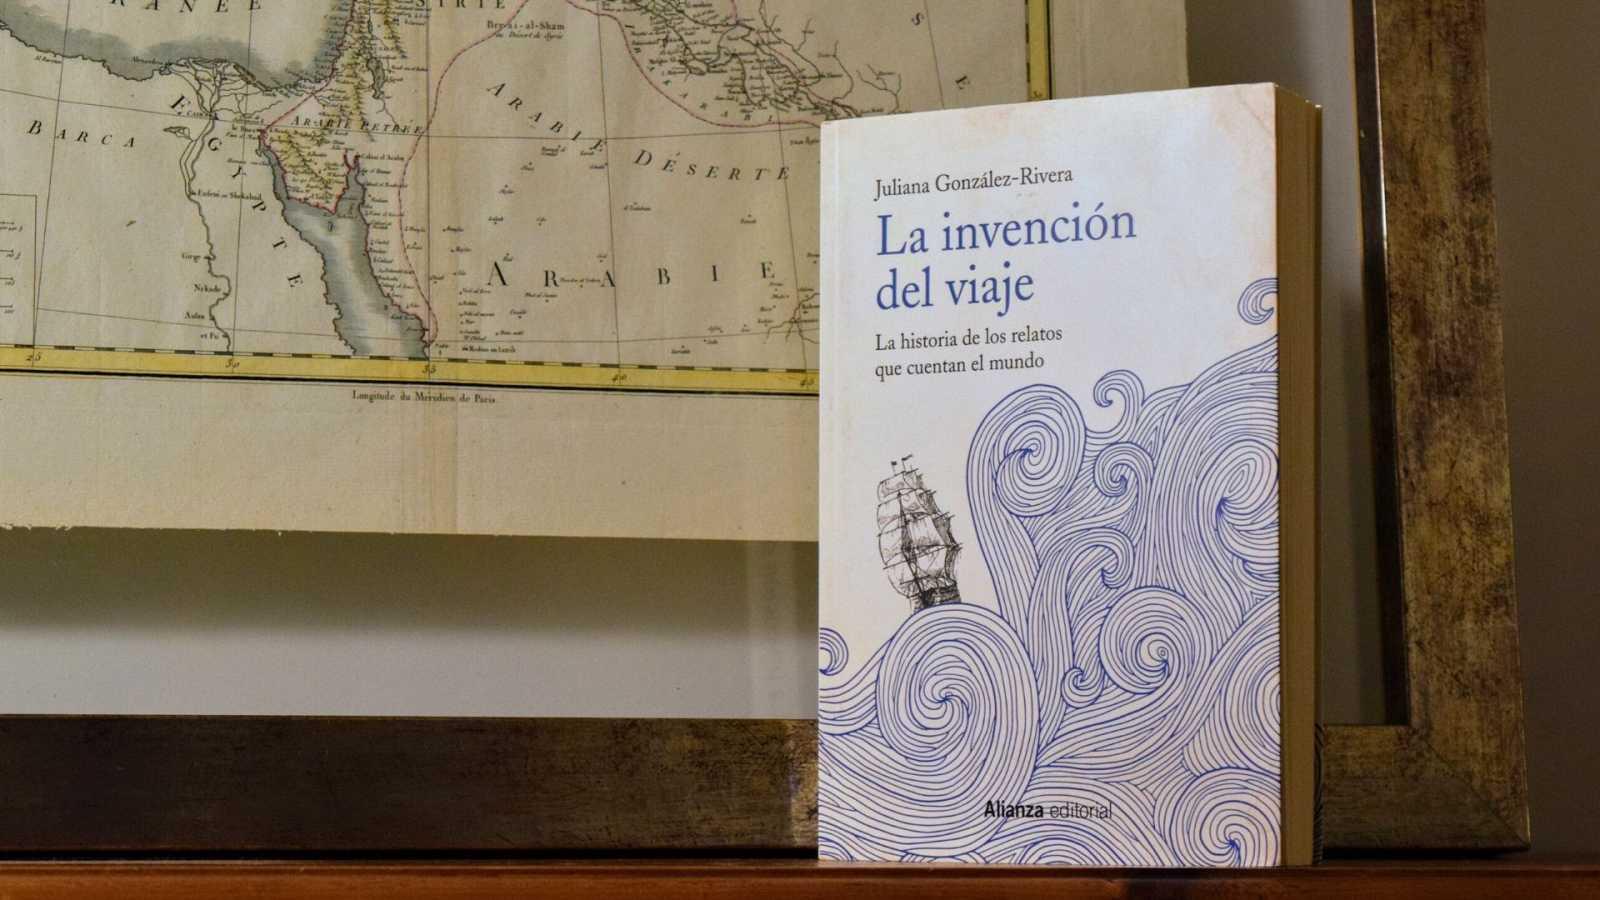 Oxiana - Juliana González-Rivera | La invención del viaje - Escuchar ahora